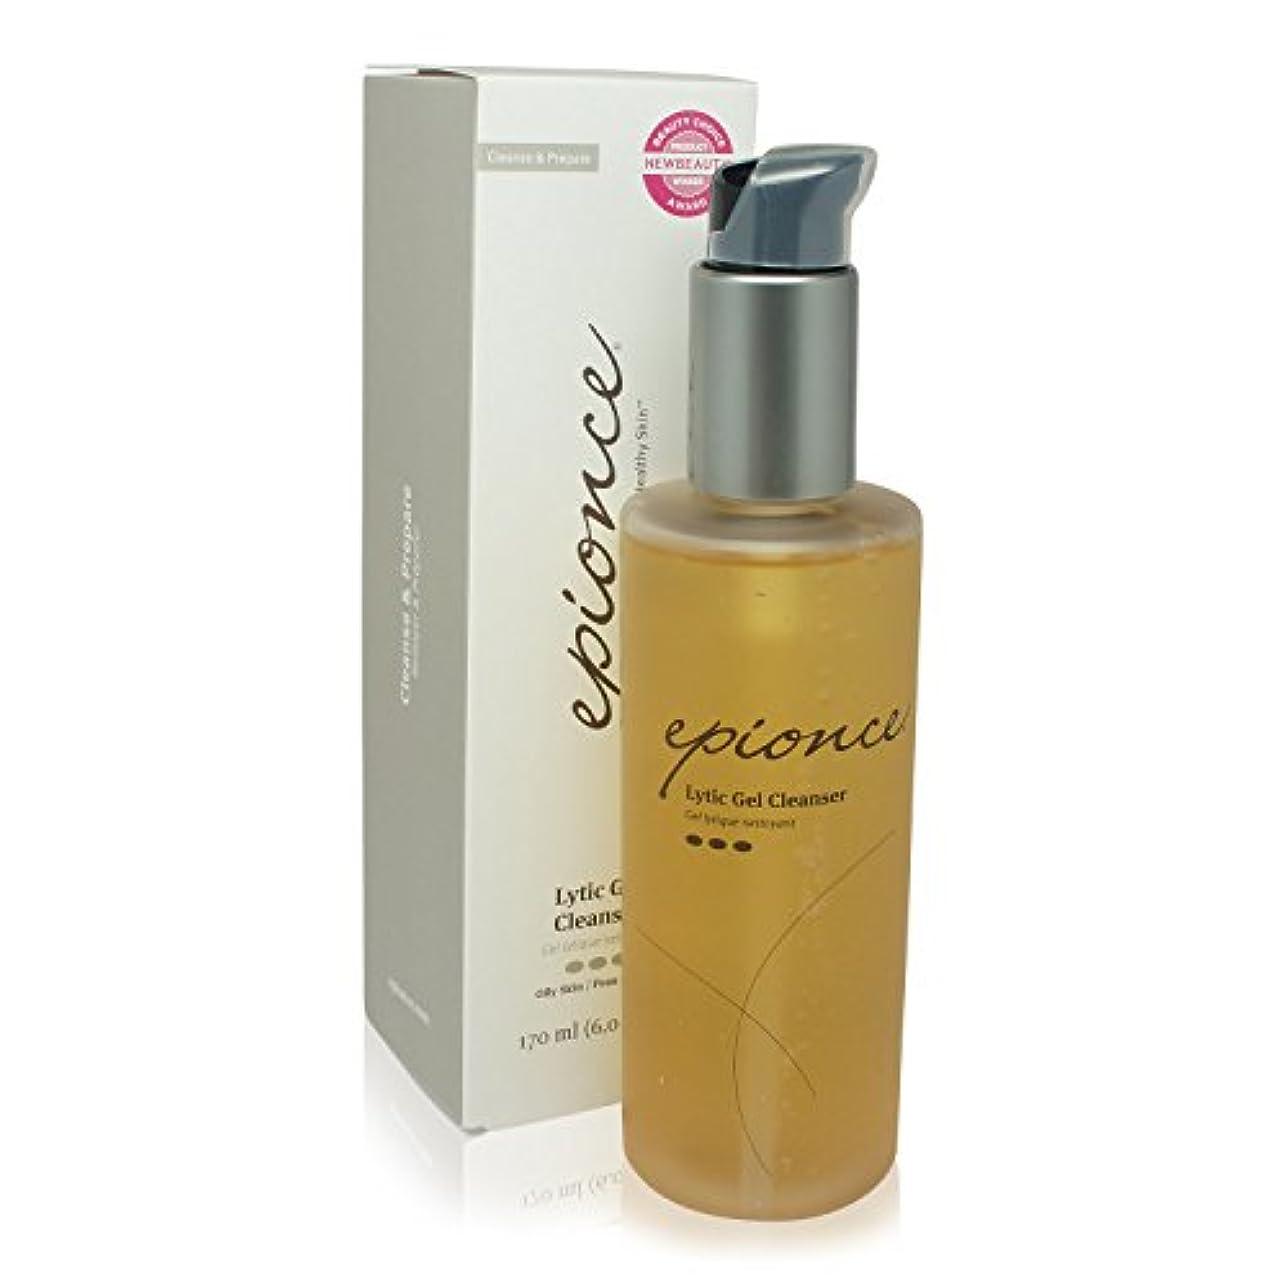 足枷後者上下するEpionce Lytic Gel Cleanser - For Combination to Oily/Problem Skin 170ml/6oz並行輸入品